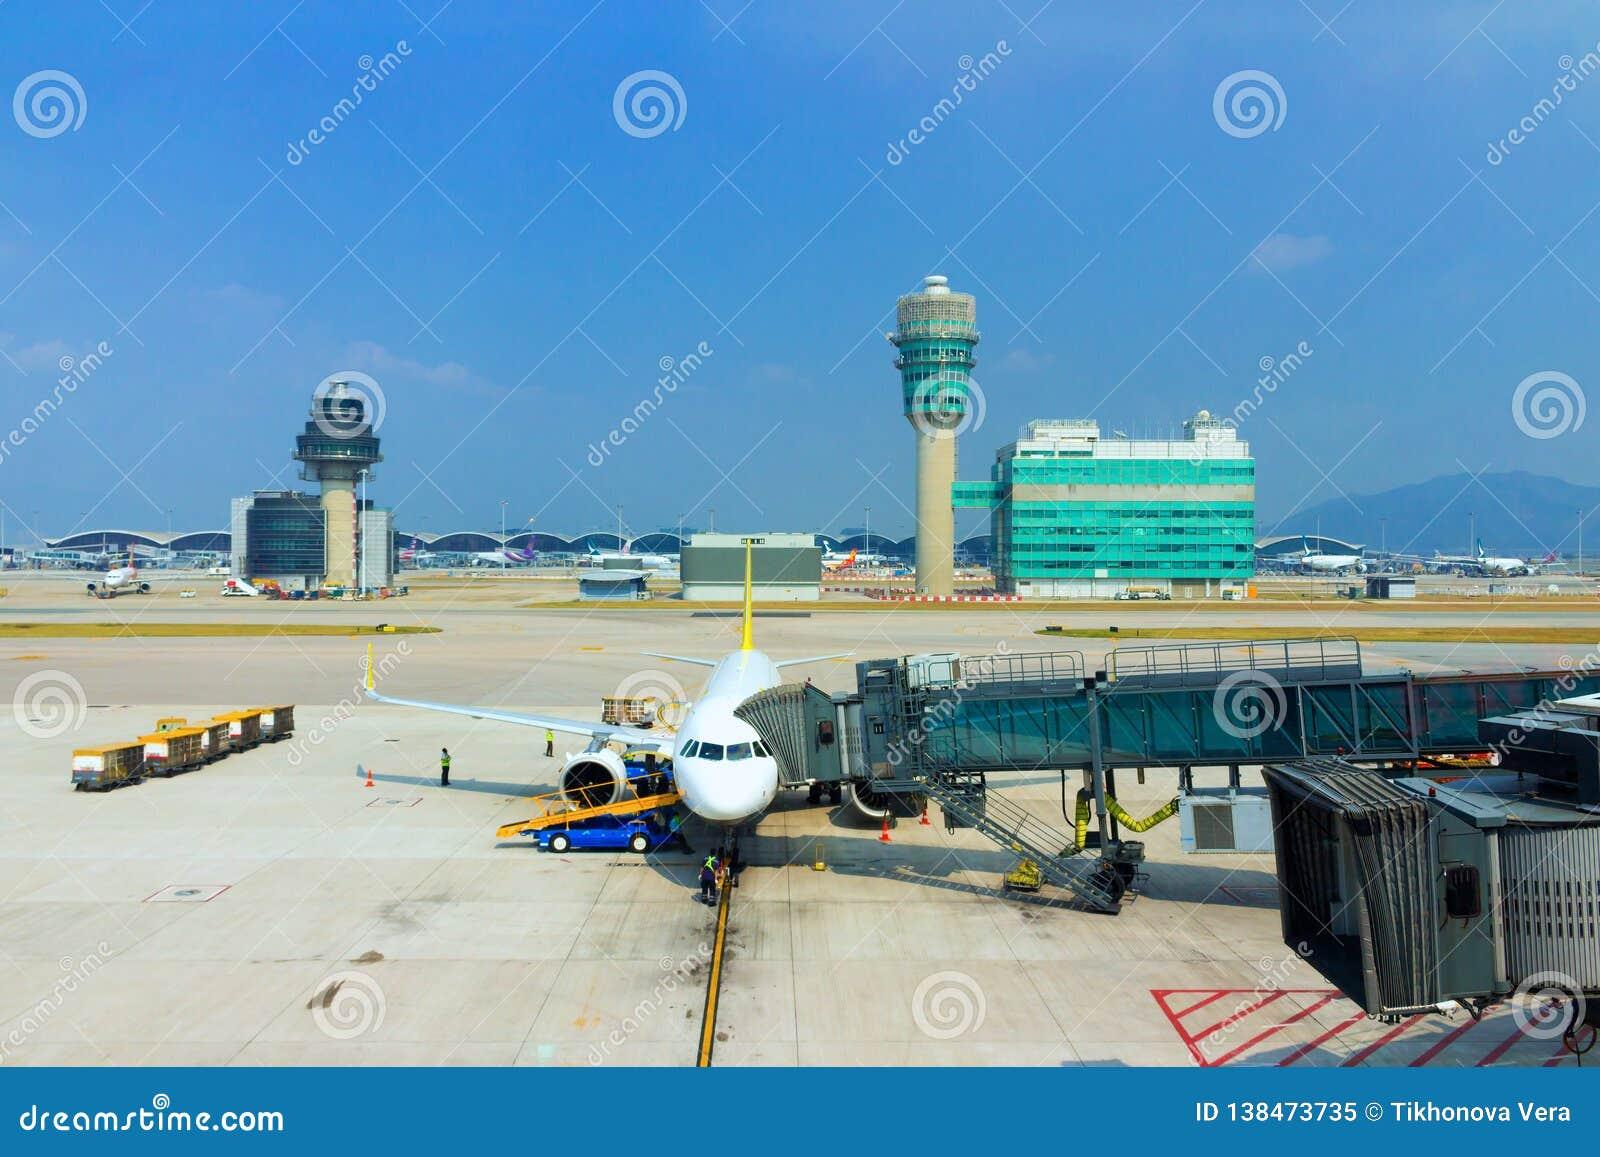 Aircraft at Hong Kong International Airport